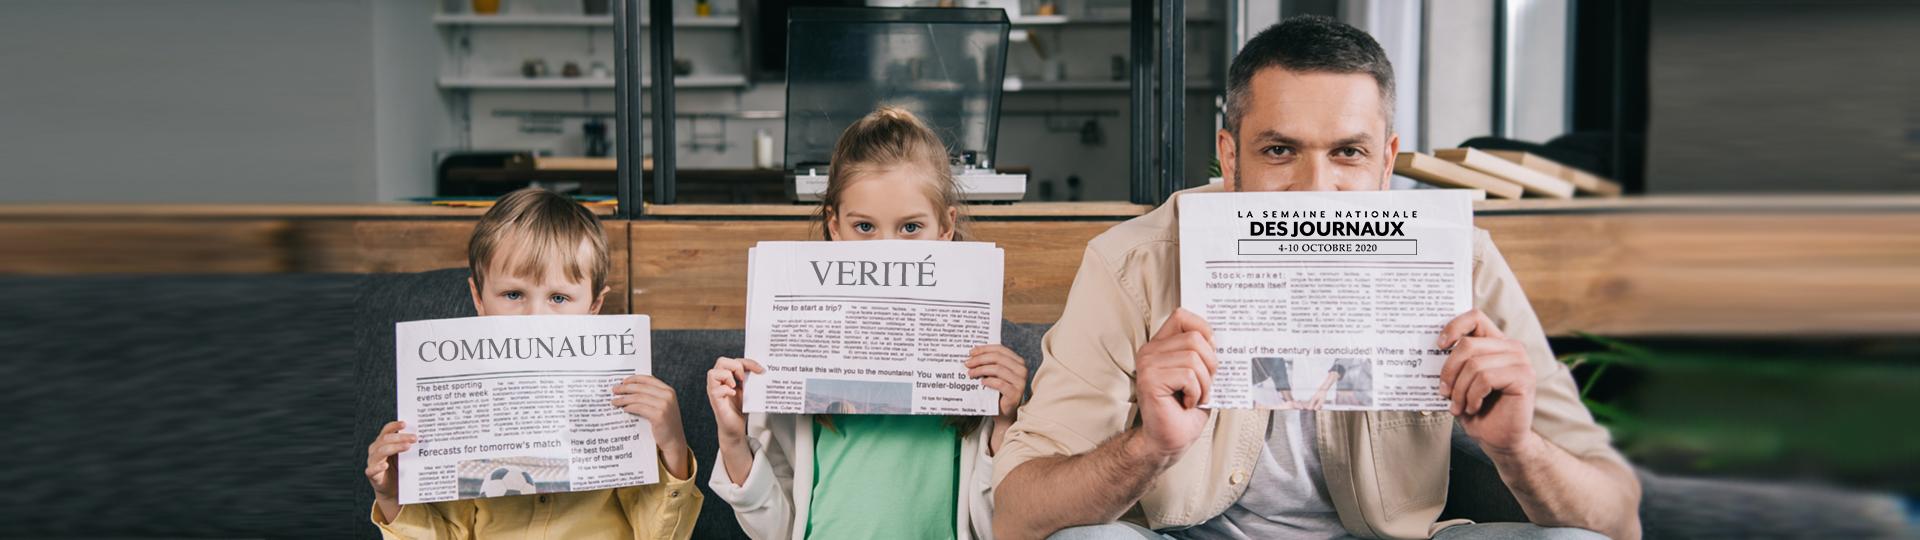 Semaine nationale des journaux, Médias d'Info Canada